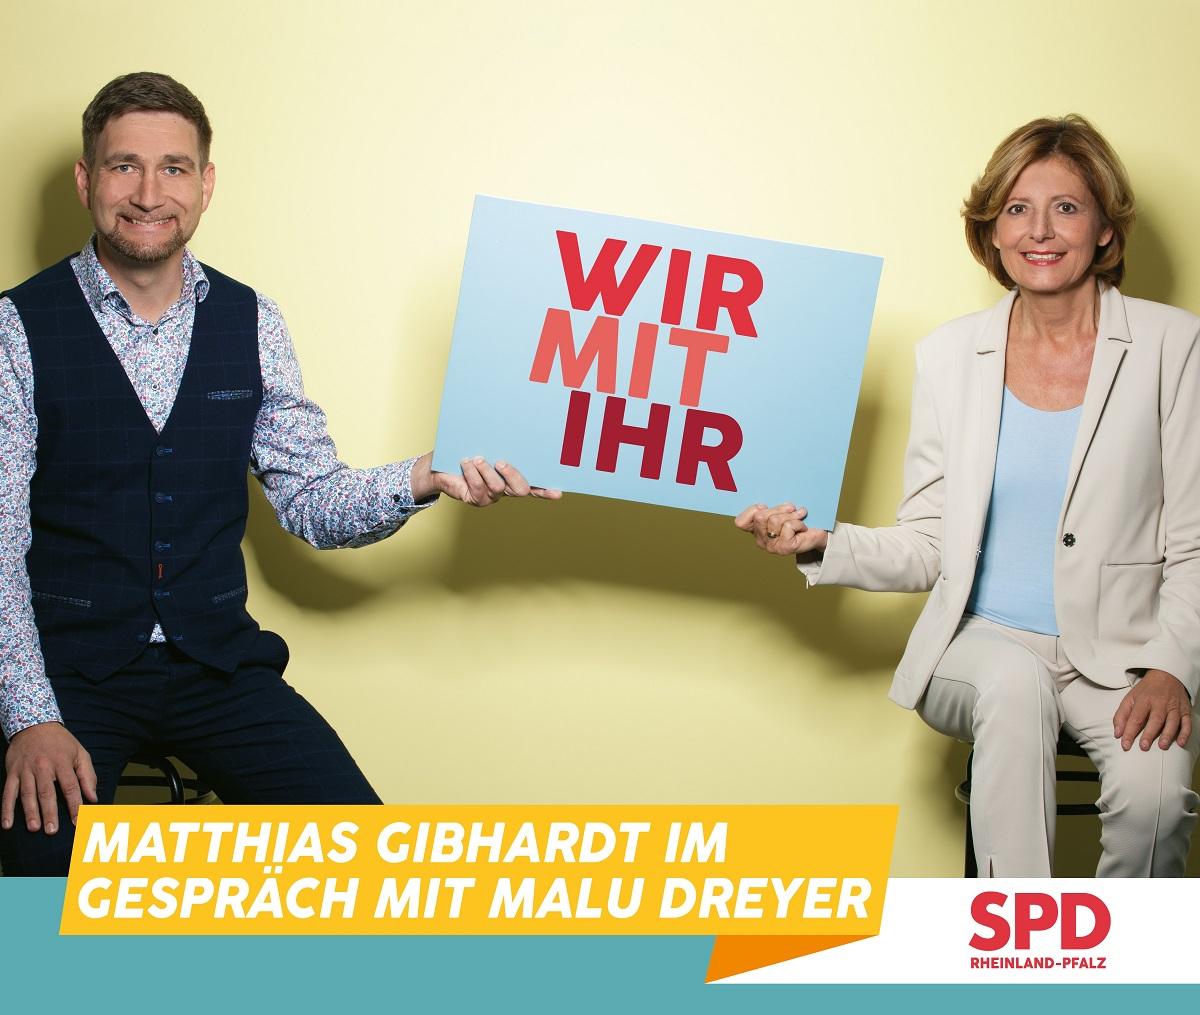 Wir mit ihr: Matthias Gibhardt im Gespräch mit Malu Dreyer